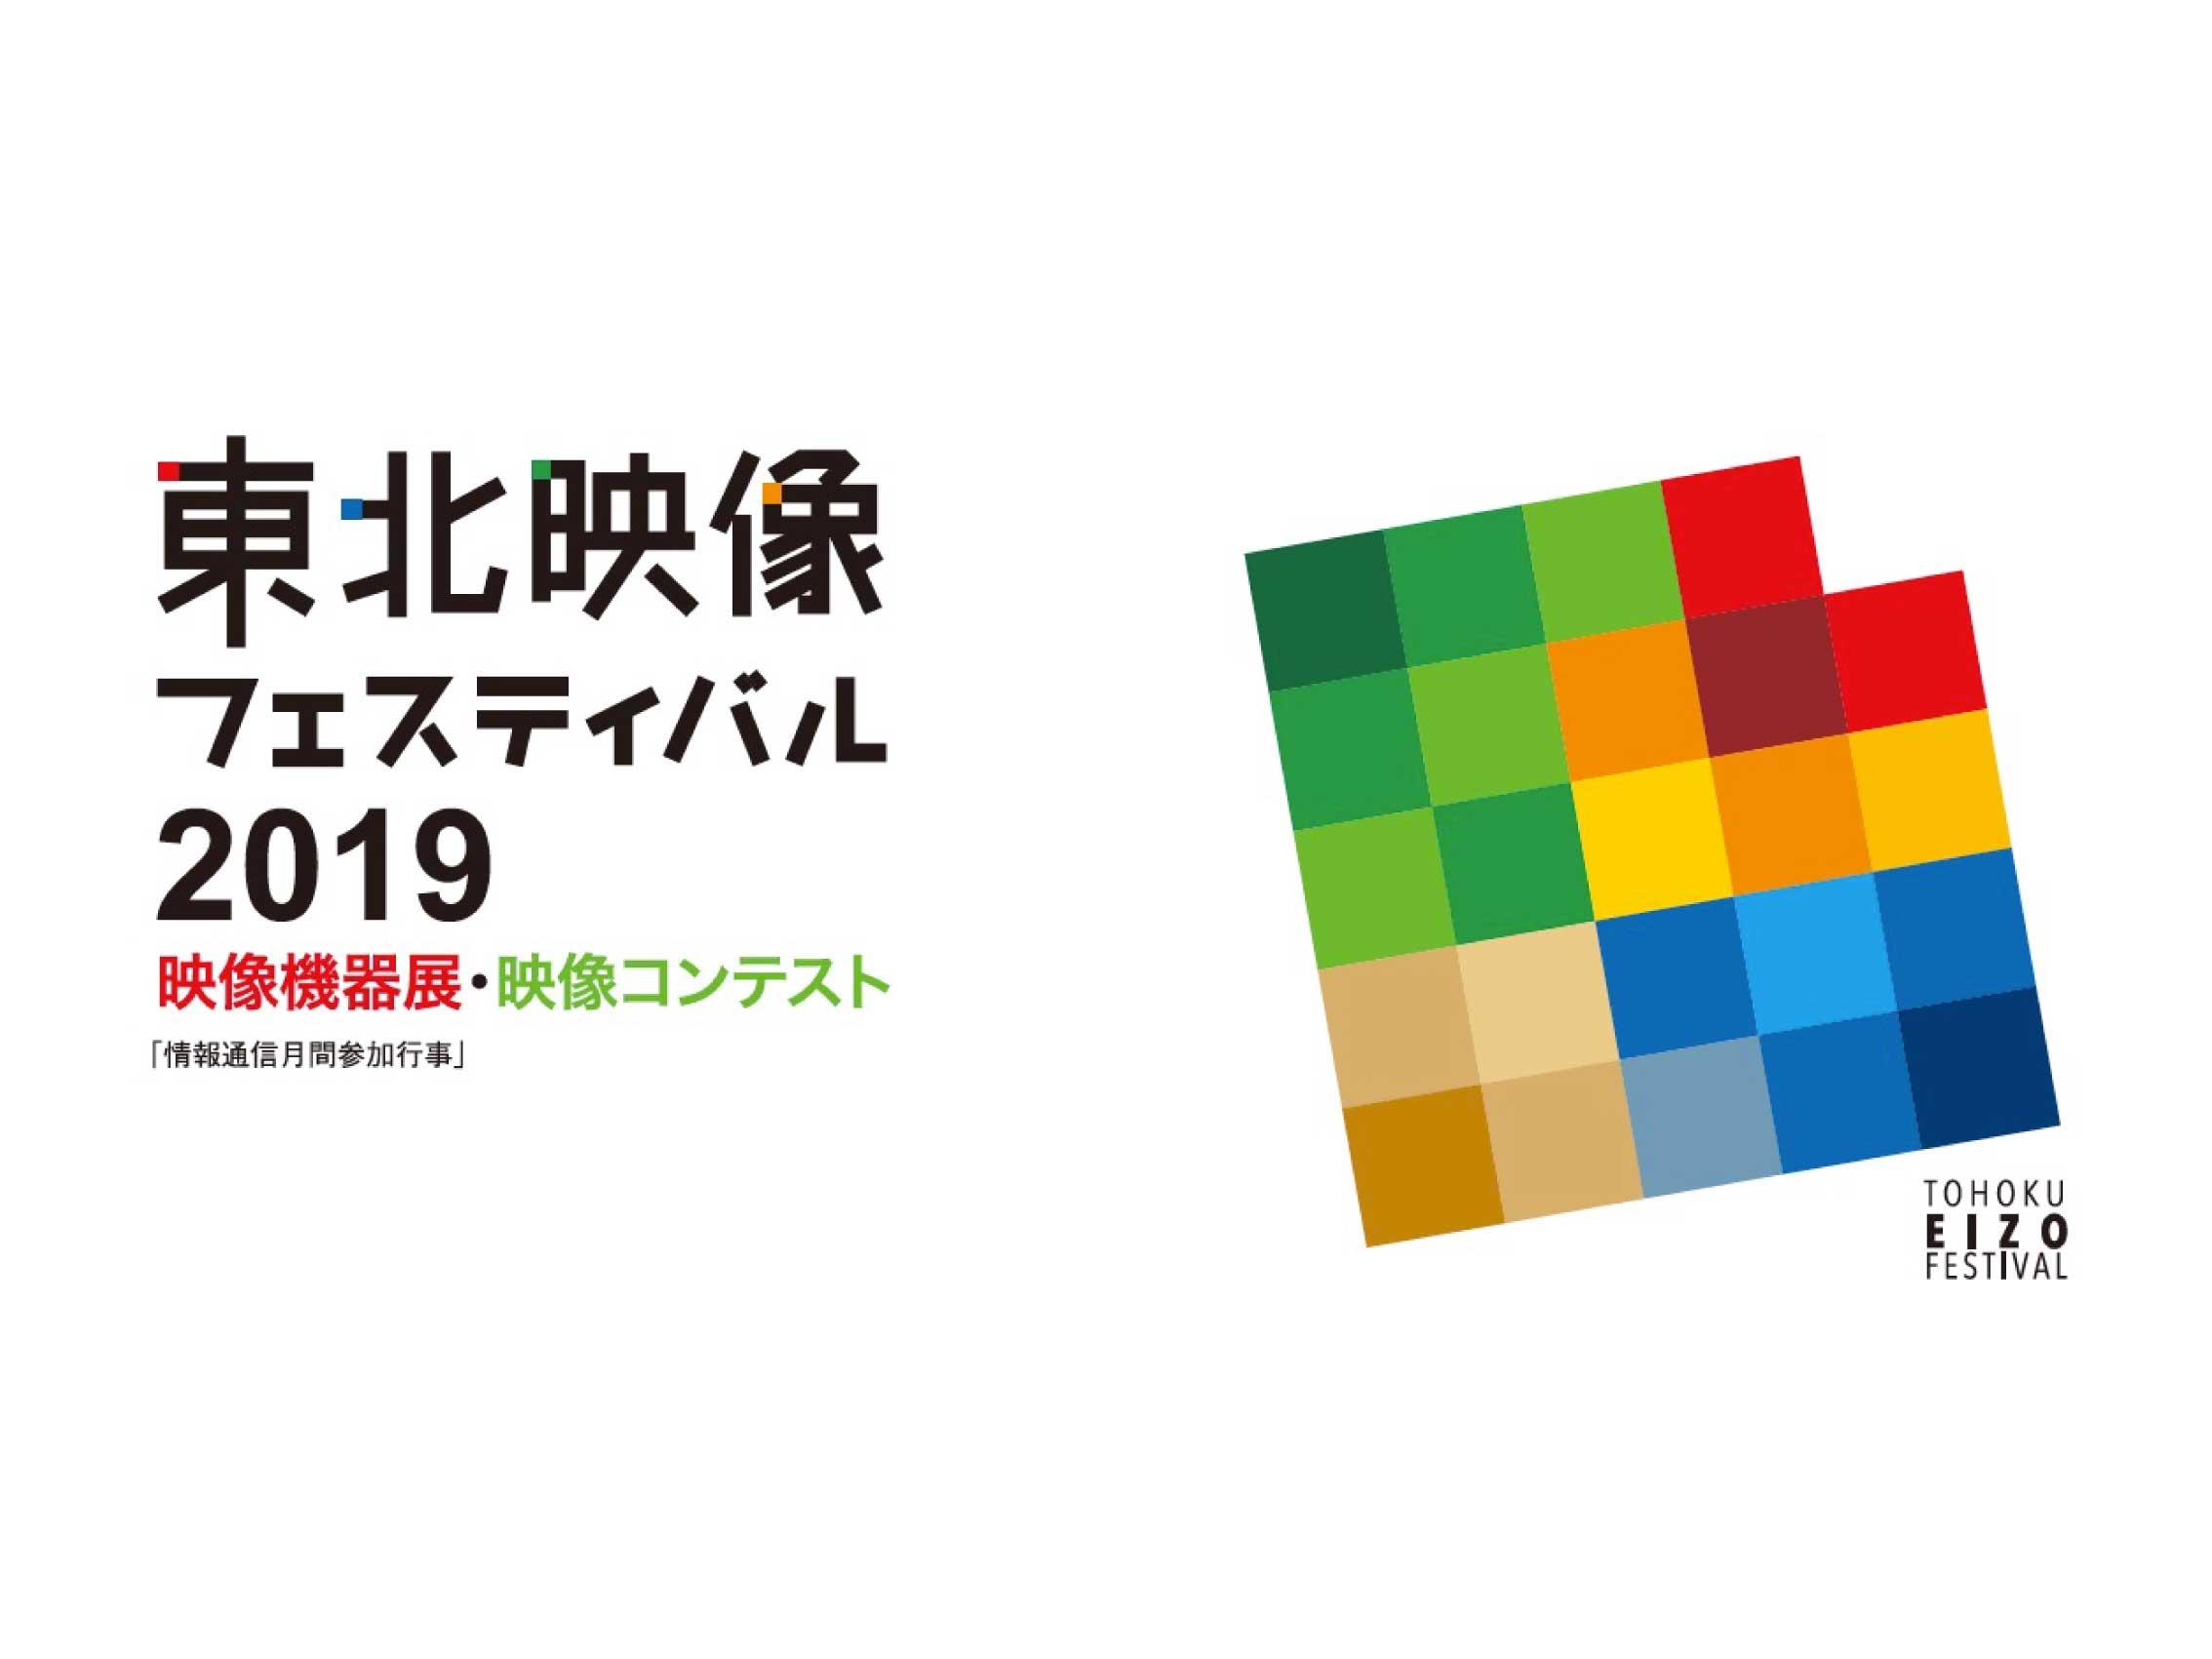 東北映像フェスティバル2019